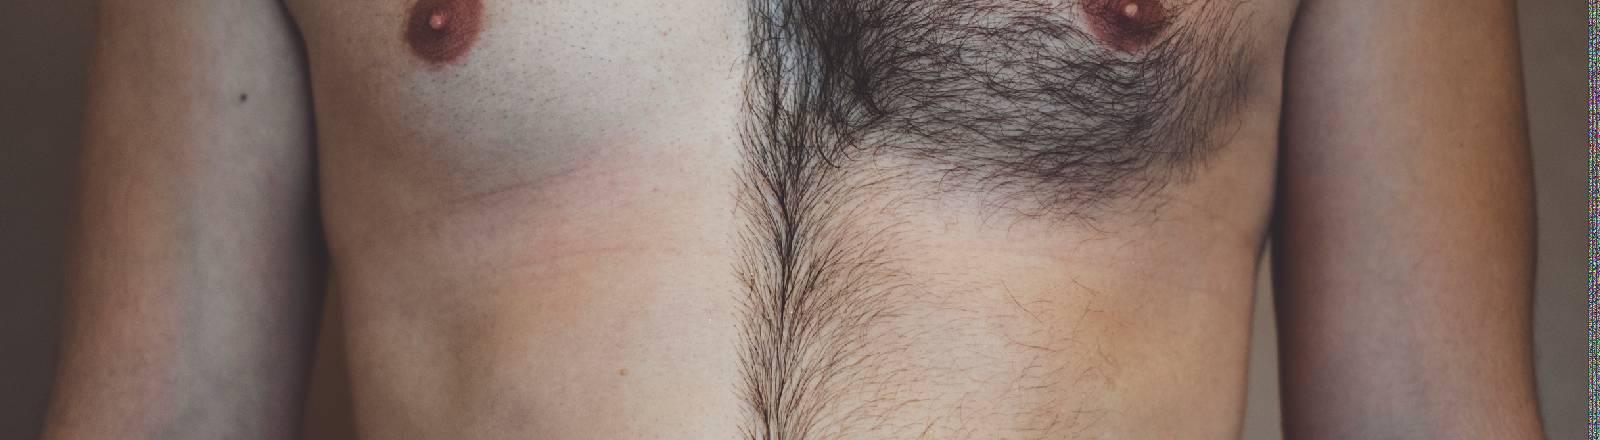 Ein Mann hat eine Seite der Brust rasiert, die andere nicht